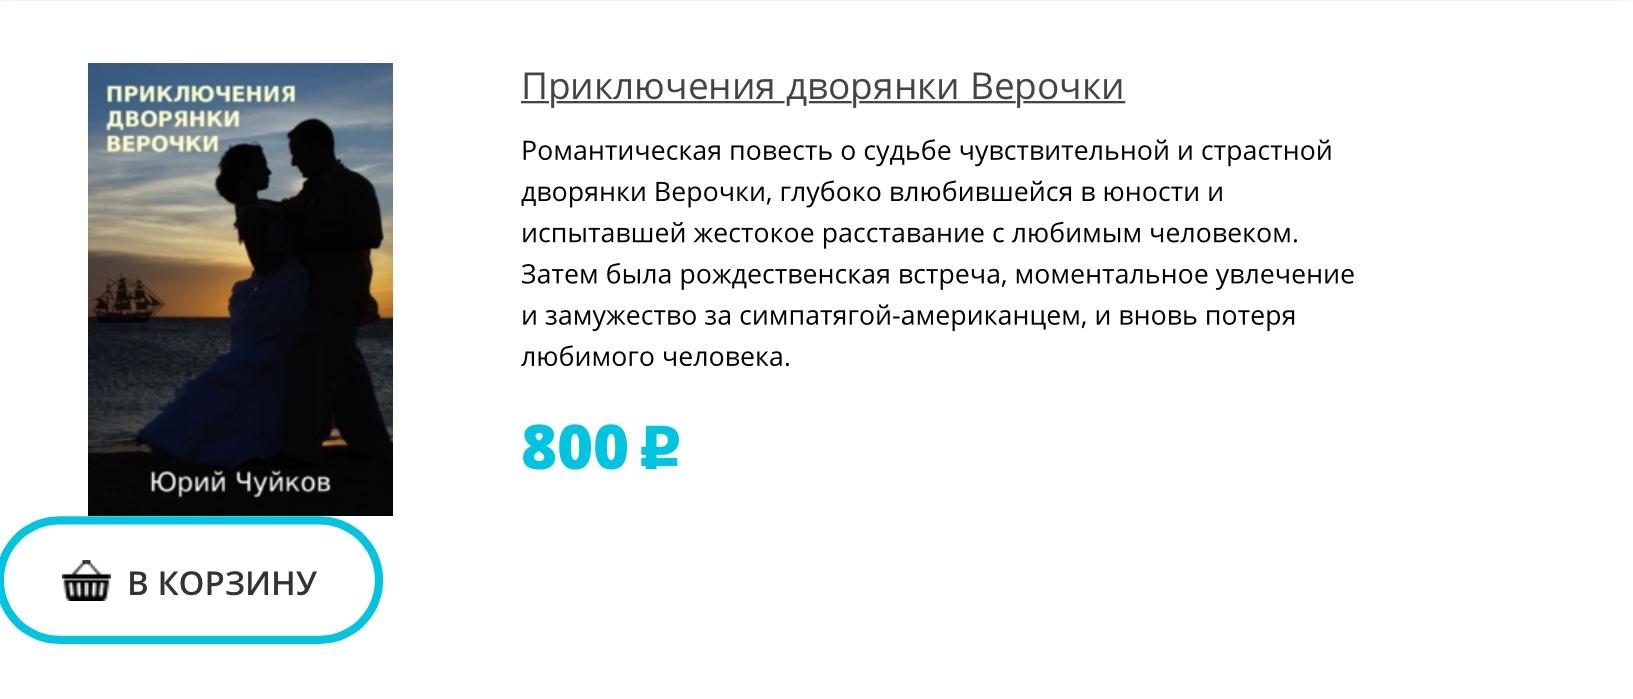 9456A730-D38F-4165-B5B7-0DC434A21FCF.jpeg